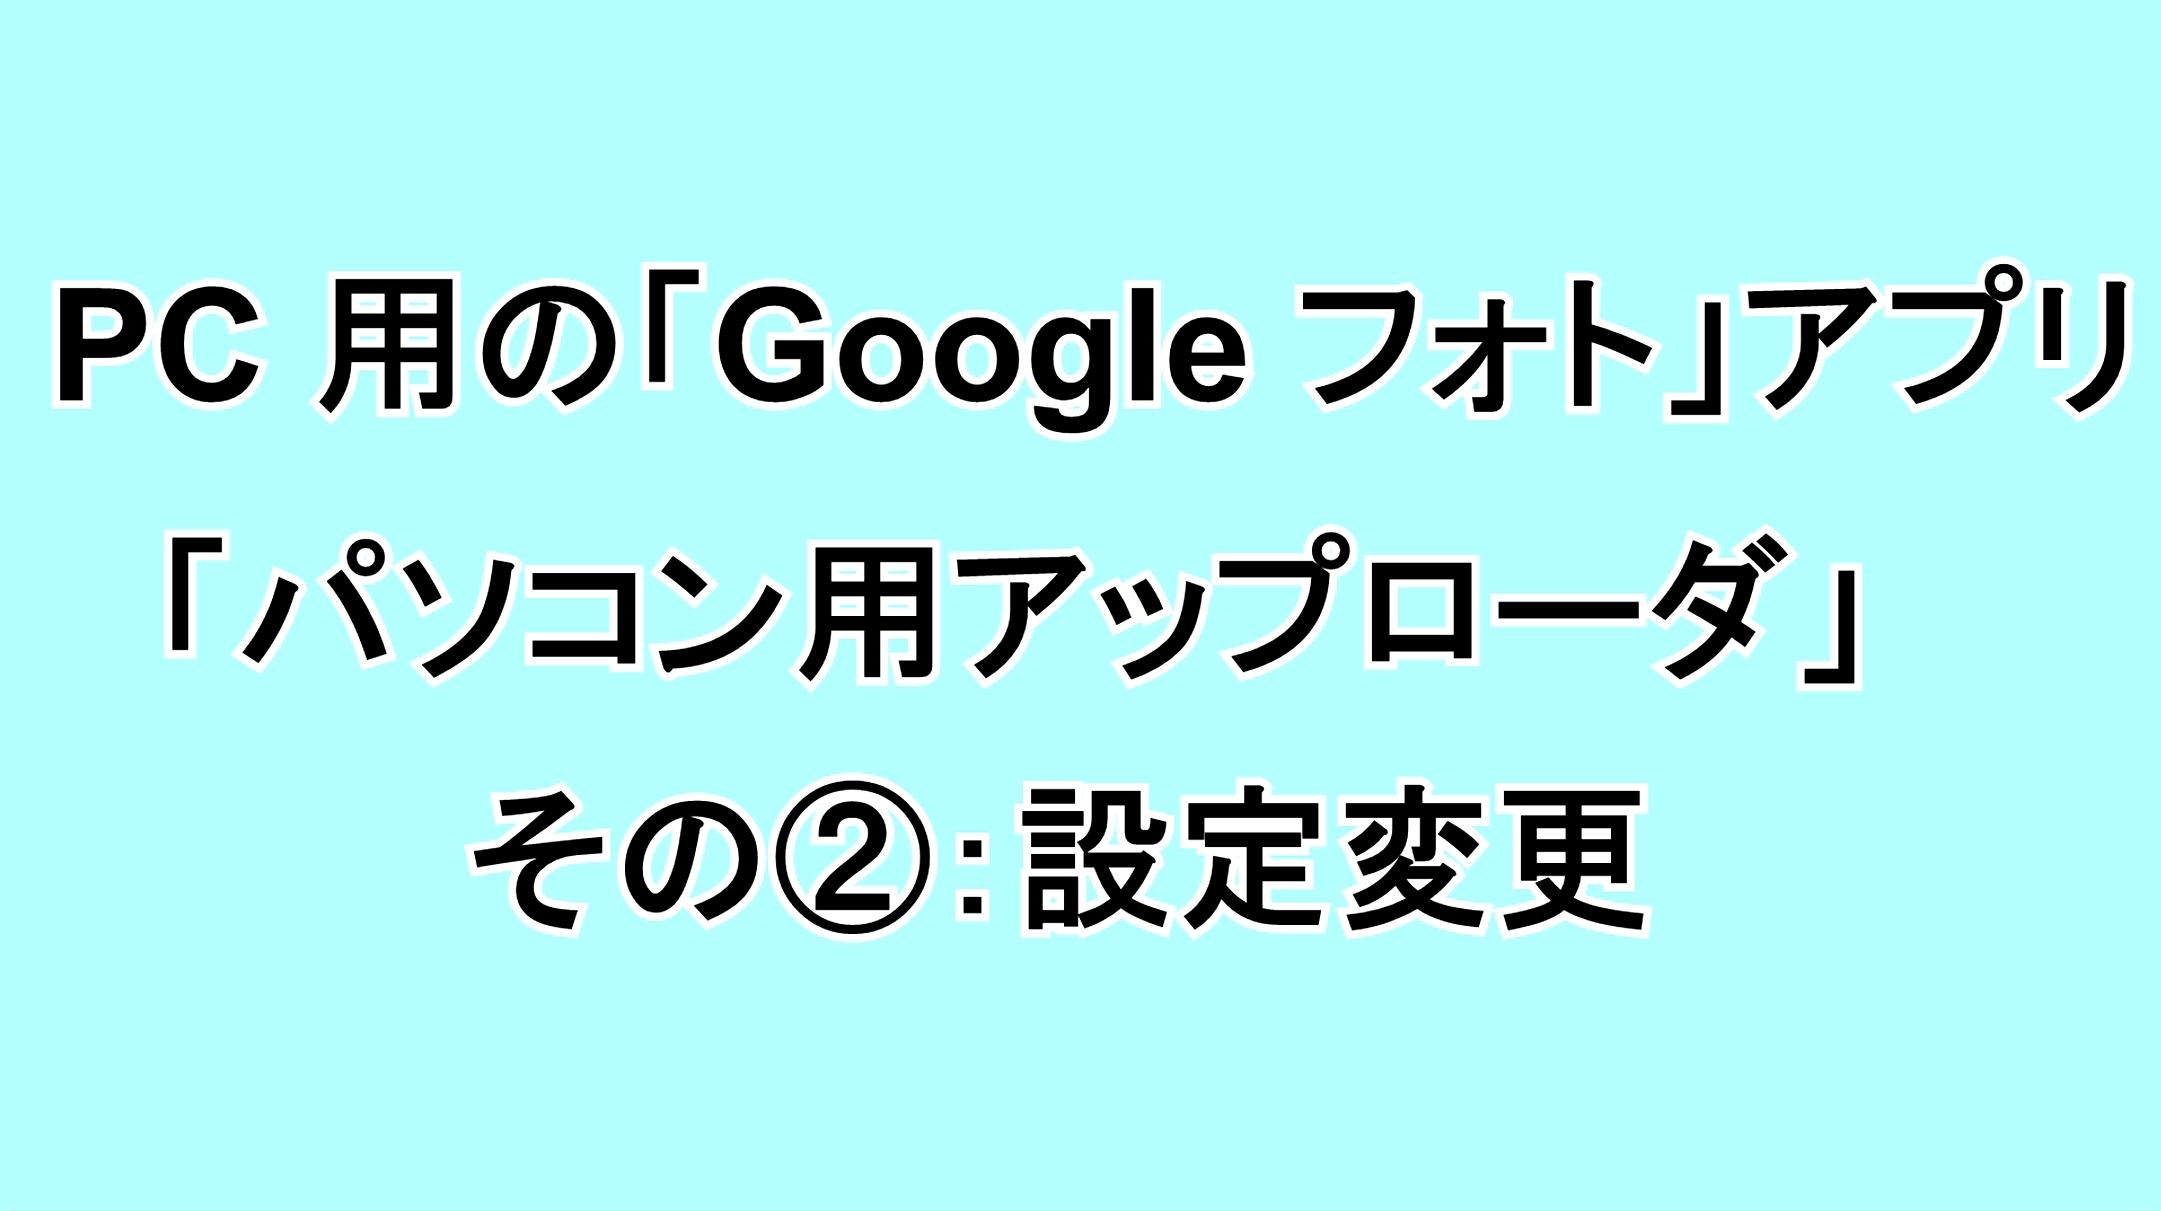 PC用の「Google フォト」アプリ「パソコン用アップローダ」 その②:設定変更